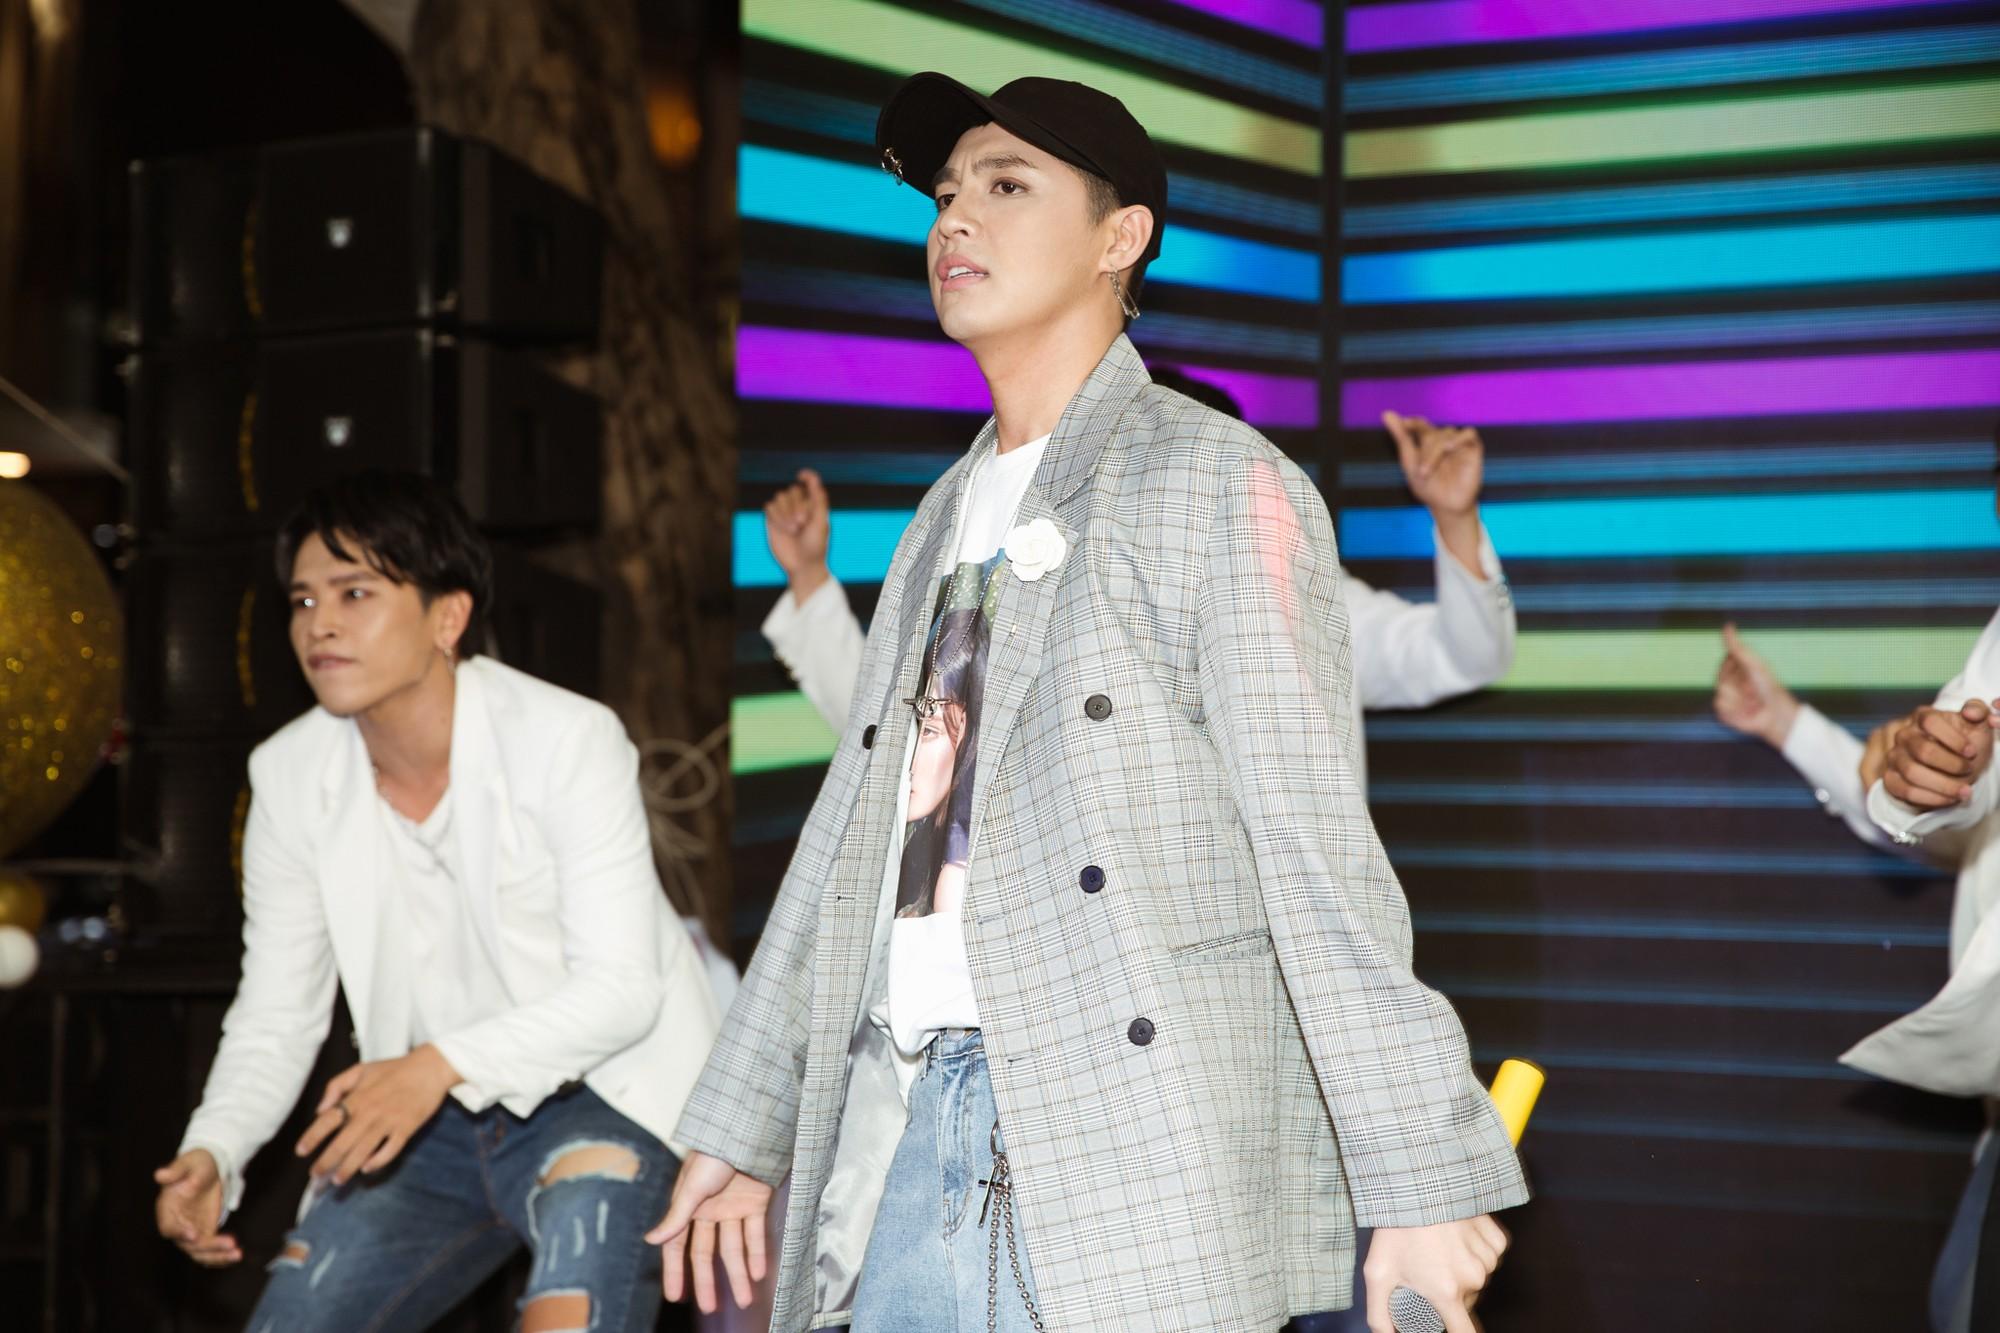 Giữa ồn ào, Noo Phước Thịnh tiều tuỵ đi điễn show cuối trước khi tạm nghỉ ngơi - Ảnh 2.